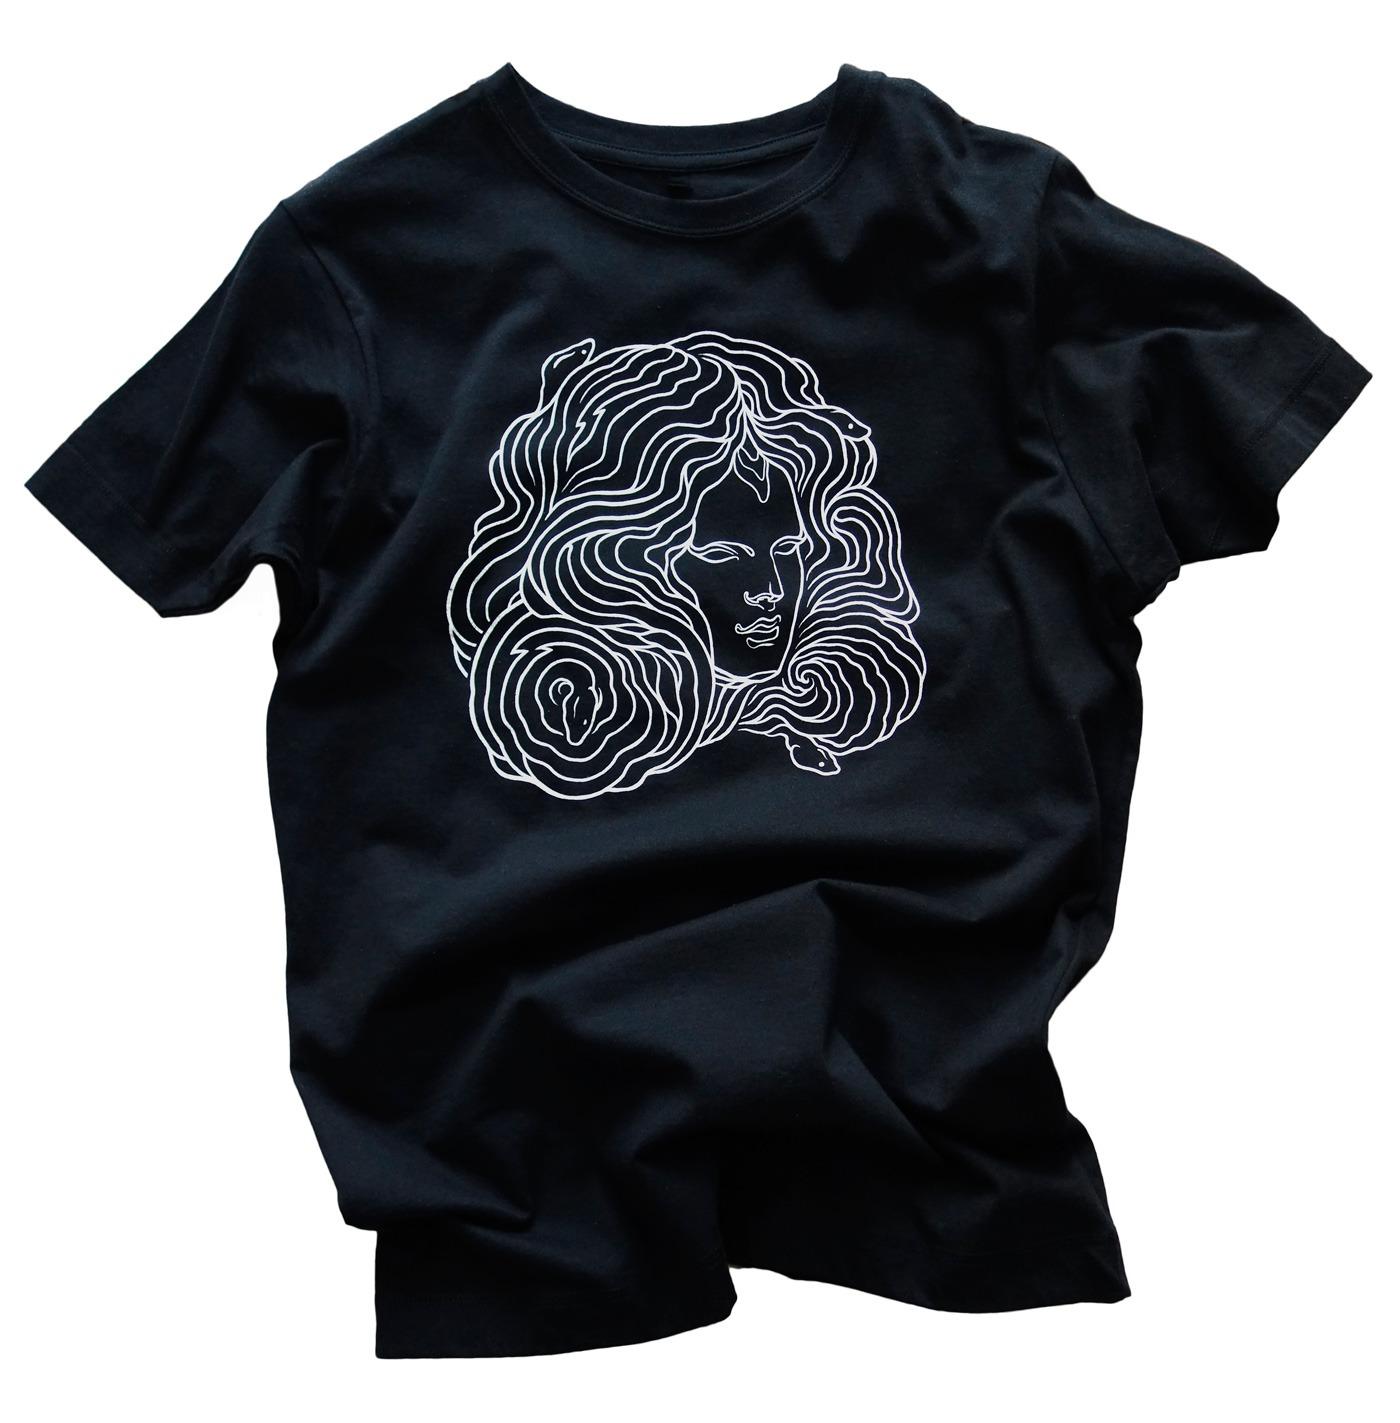 meduse-t-shirt